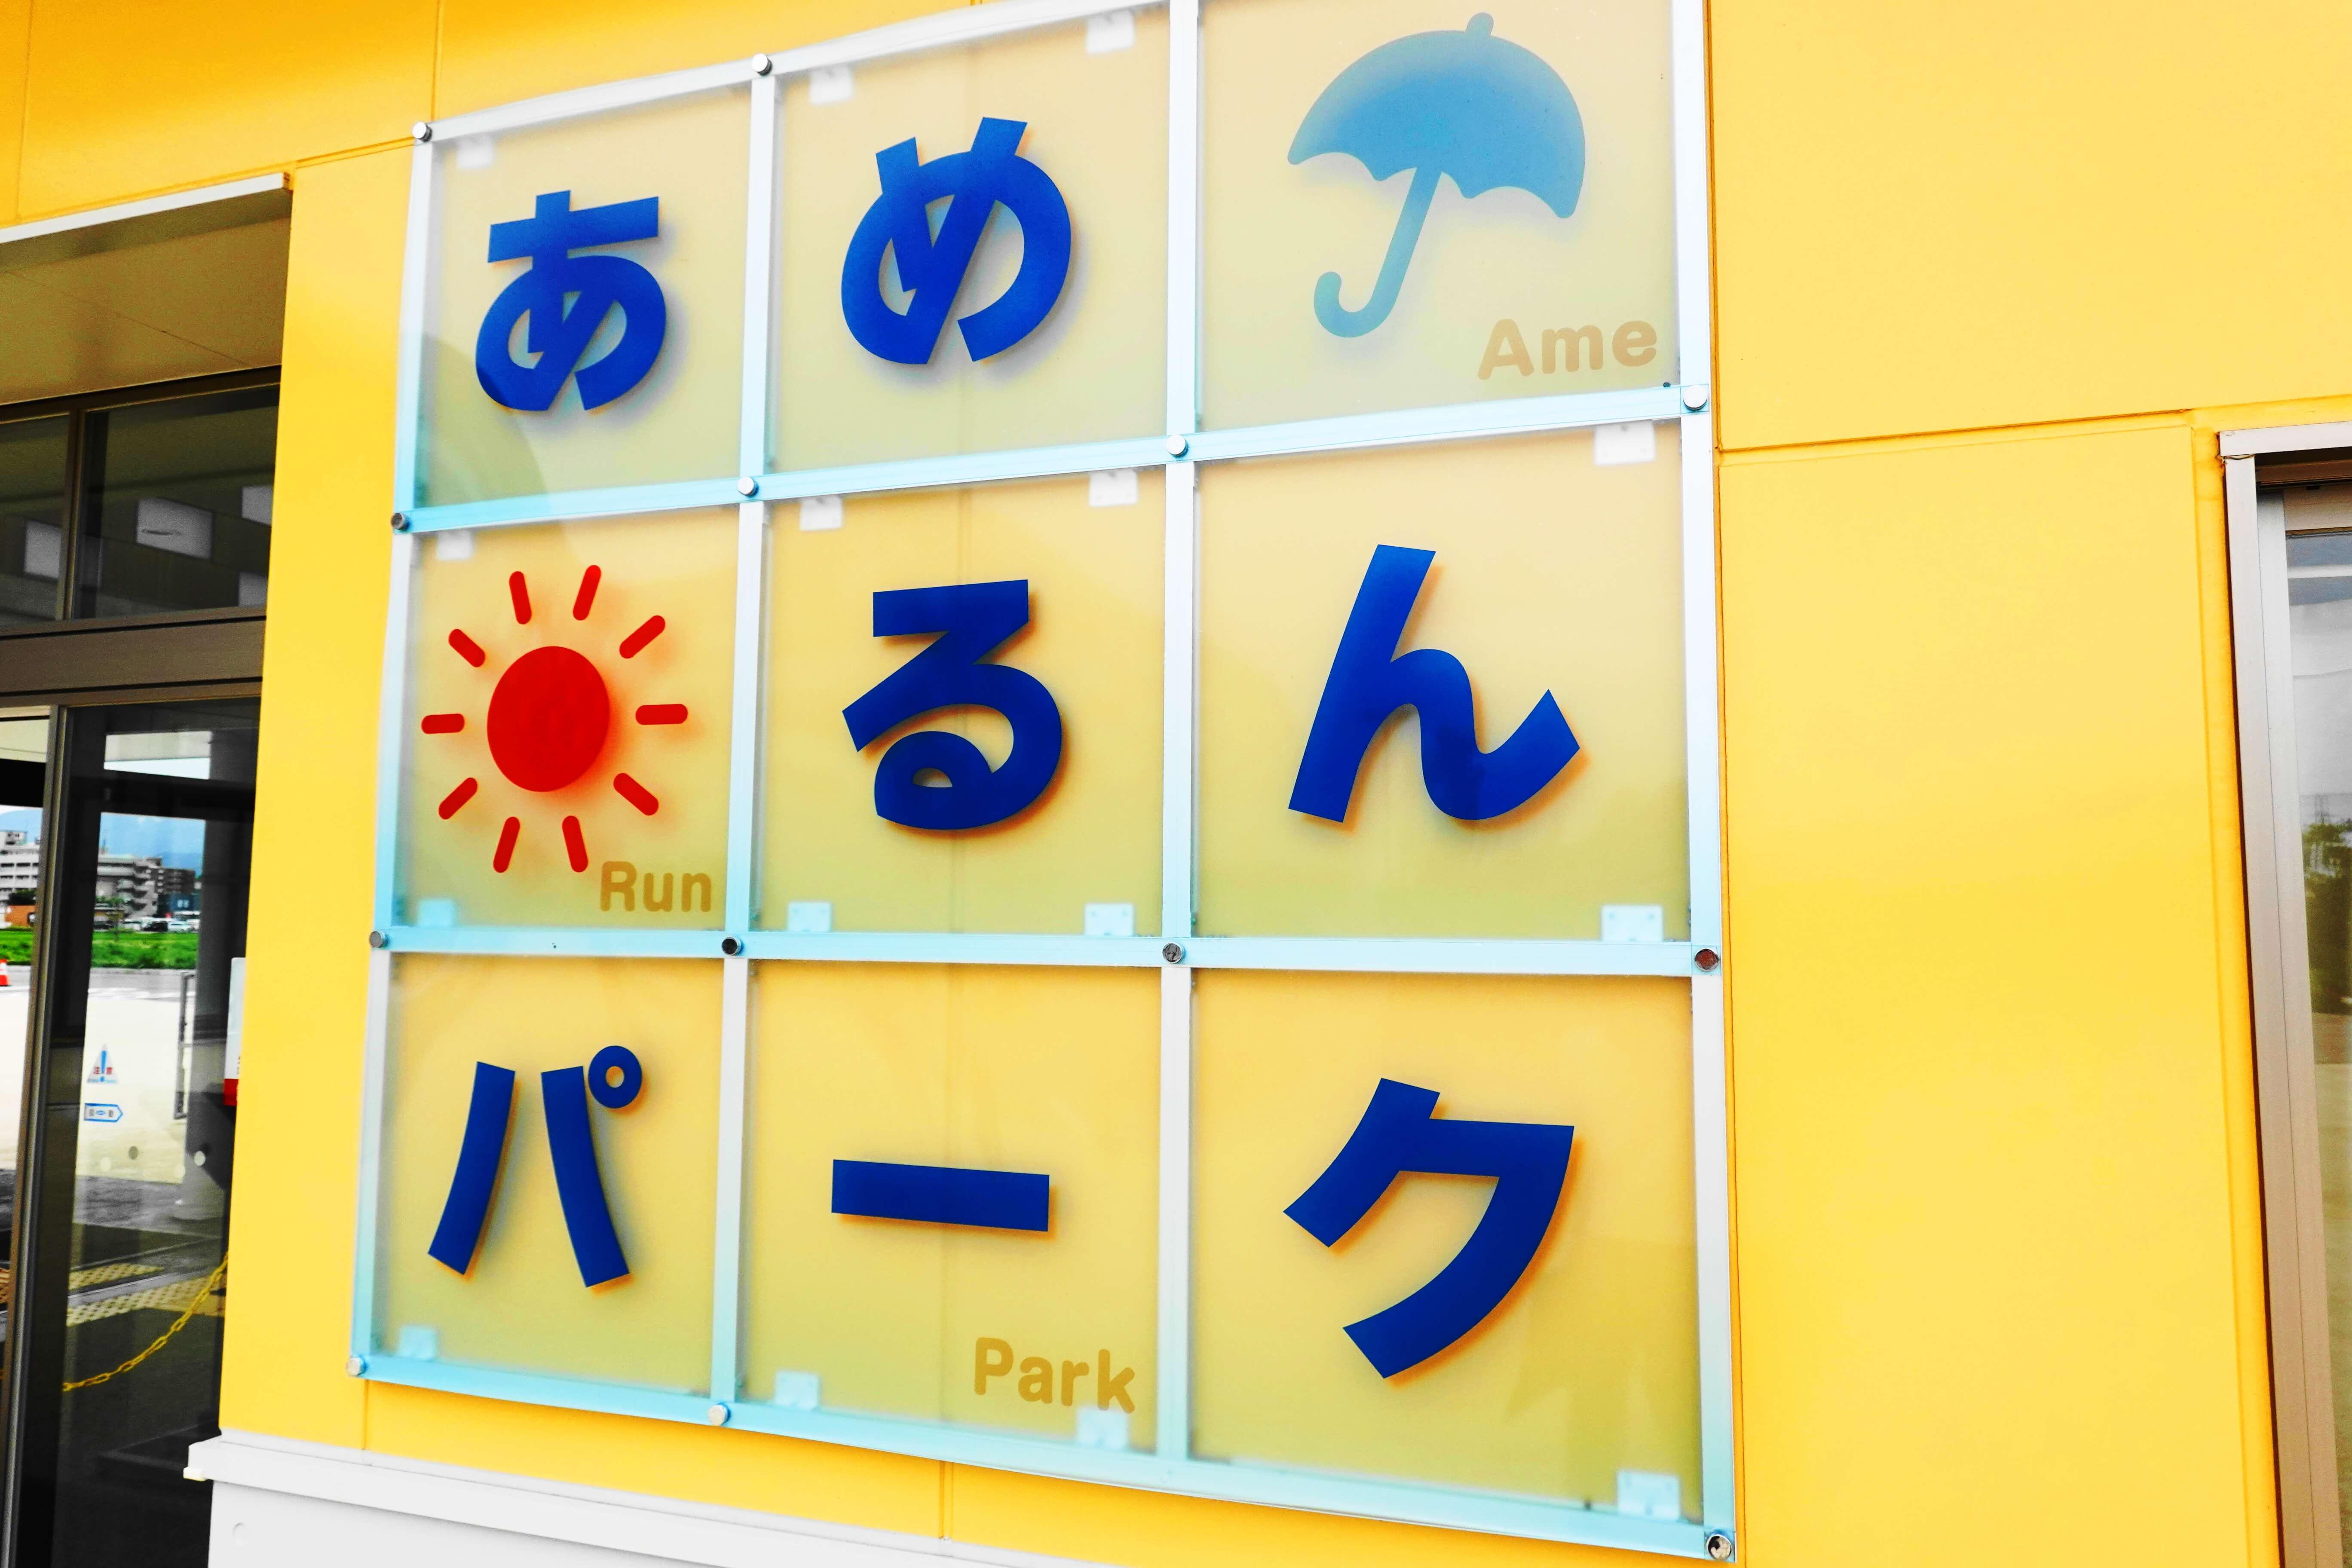 あめるんパーク|外で遊べない時にはまずココ!金沢市にある「雨でも遊べる」屋内交流広場